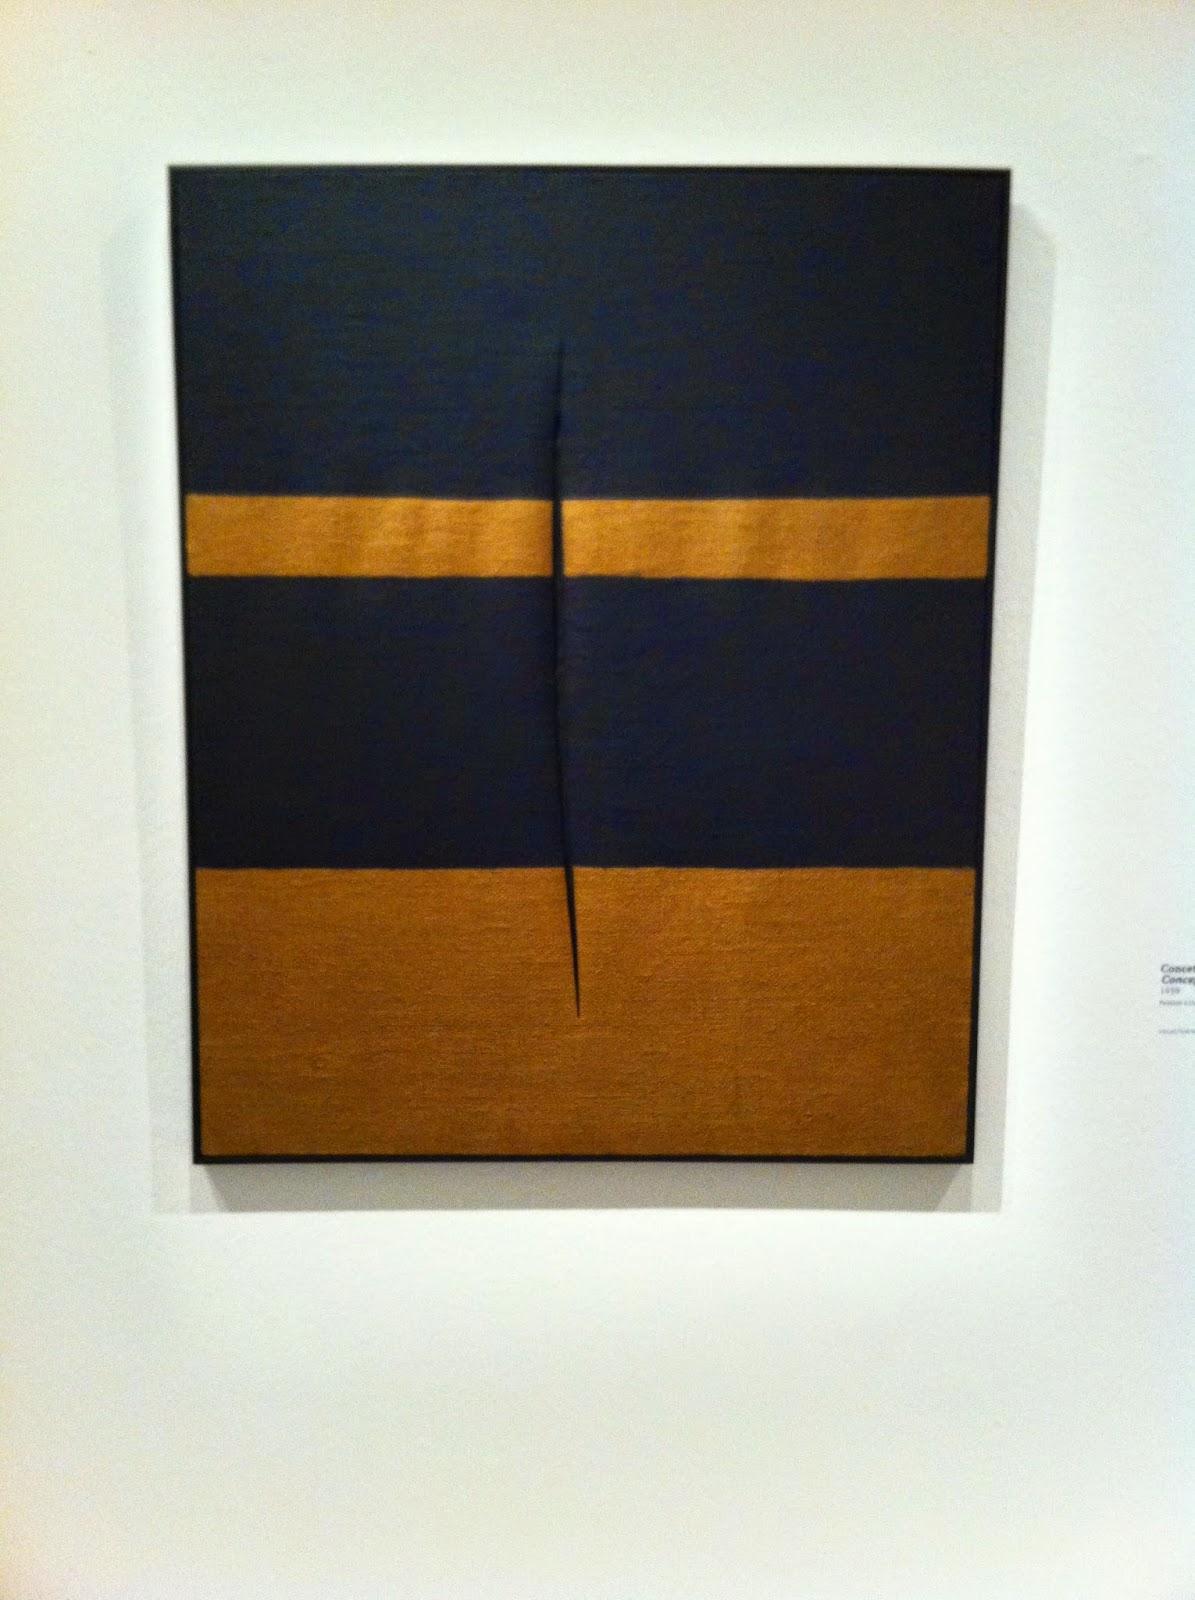 Fontana, Concept spatial, Attente, 1959